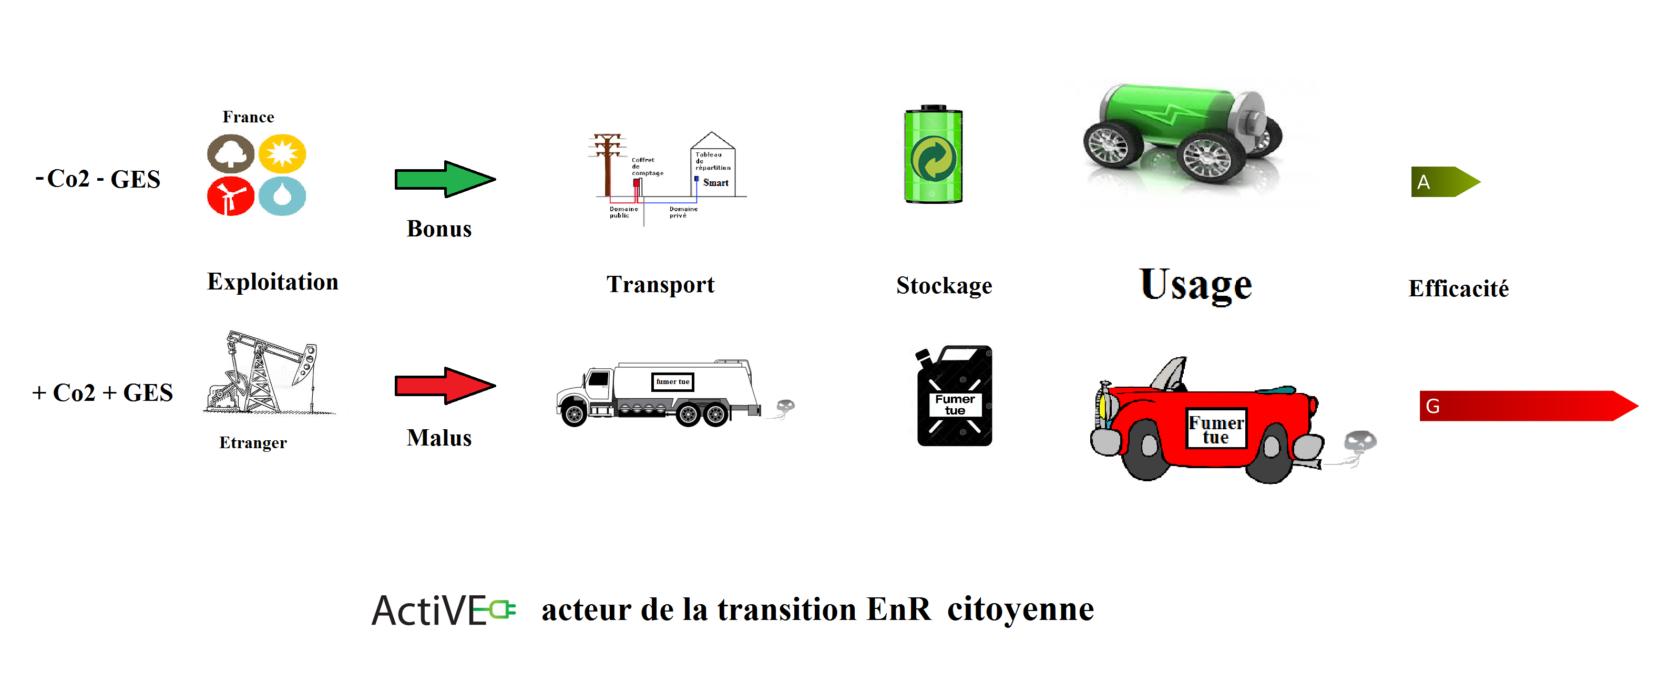 Voiture electrique moteur de la transition énergetique citoyenne ActiVE